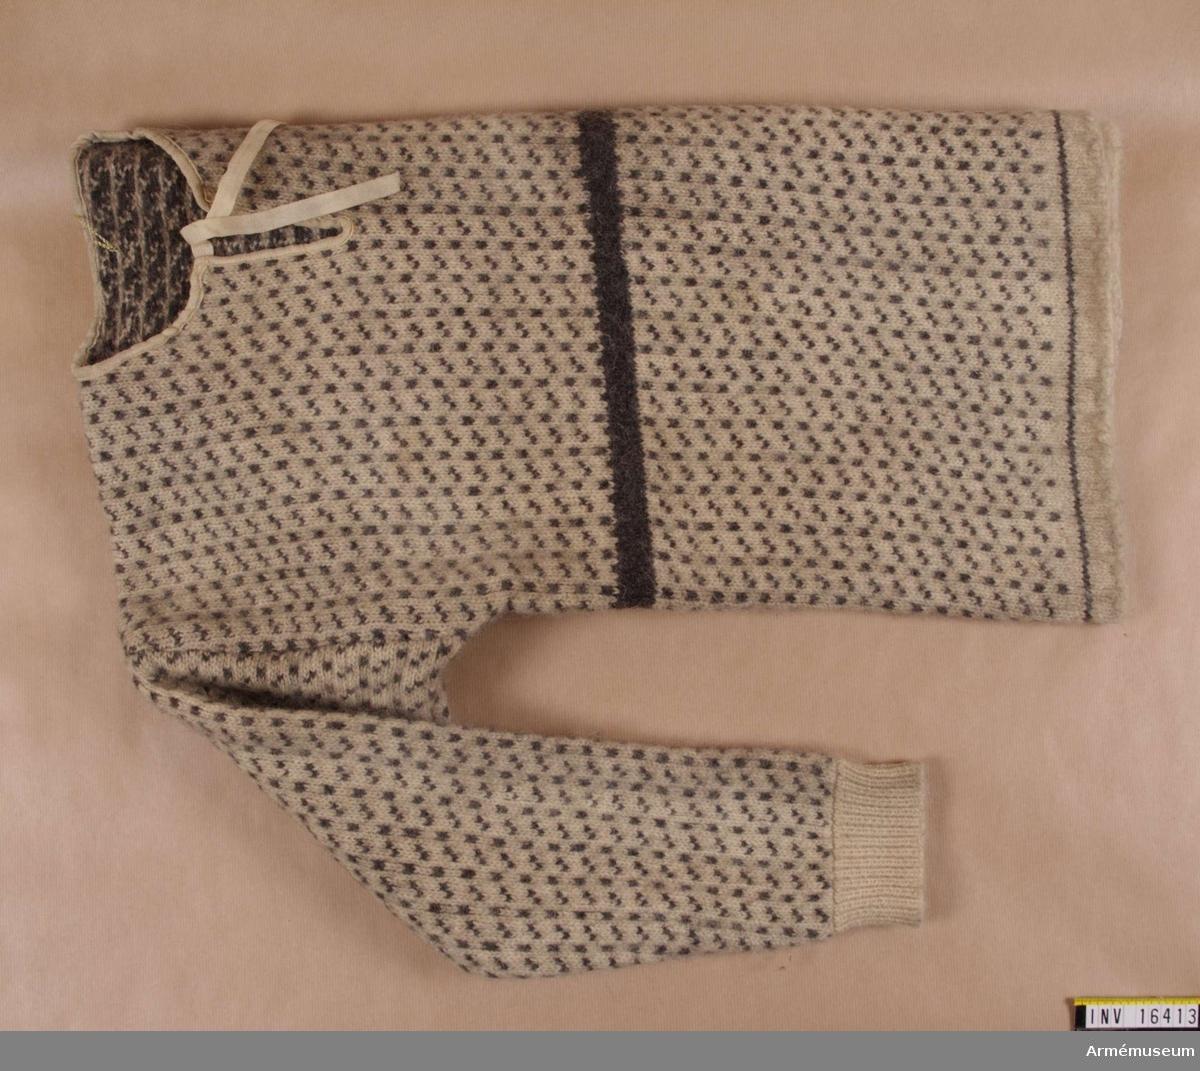 Sjömanströja, Island.Sjömanströja eller islandströja stickad av naturvit islandsull med mönster i grått. Mönstret består av enkla mönstergrupper vilka täcker hela ytan. På avigsidan bildas ett flotterande garnskickt som gör plagget varmare och binder elastciteten. Plagget håller på så sätt formen bättre. Framtill på plagget, i brösthöjd löper en 2,5 cm bred bård av grått garn. Bandkantat halssprund med ylleband, vilka löper fritt (18 cm) för fastknytning.KONS  Tvättad 1987-09 /AA.Tröjan kom till AM 1943-09-13 från Arméförvaltningens Intendenturdepartements modellkammare. Denna tröja benämns också norsk och den har samma utseende som AM 16412. Se vidare: Stickat och virkat i nordisk tradition. Österbottens museum, 1984, sida 10: tröjor.